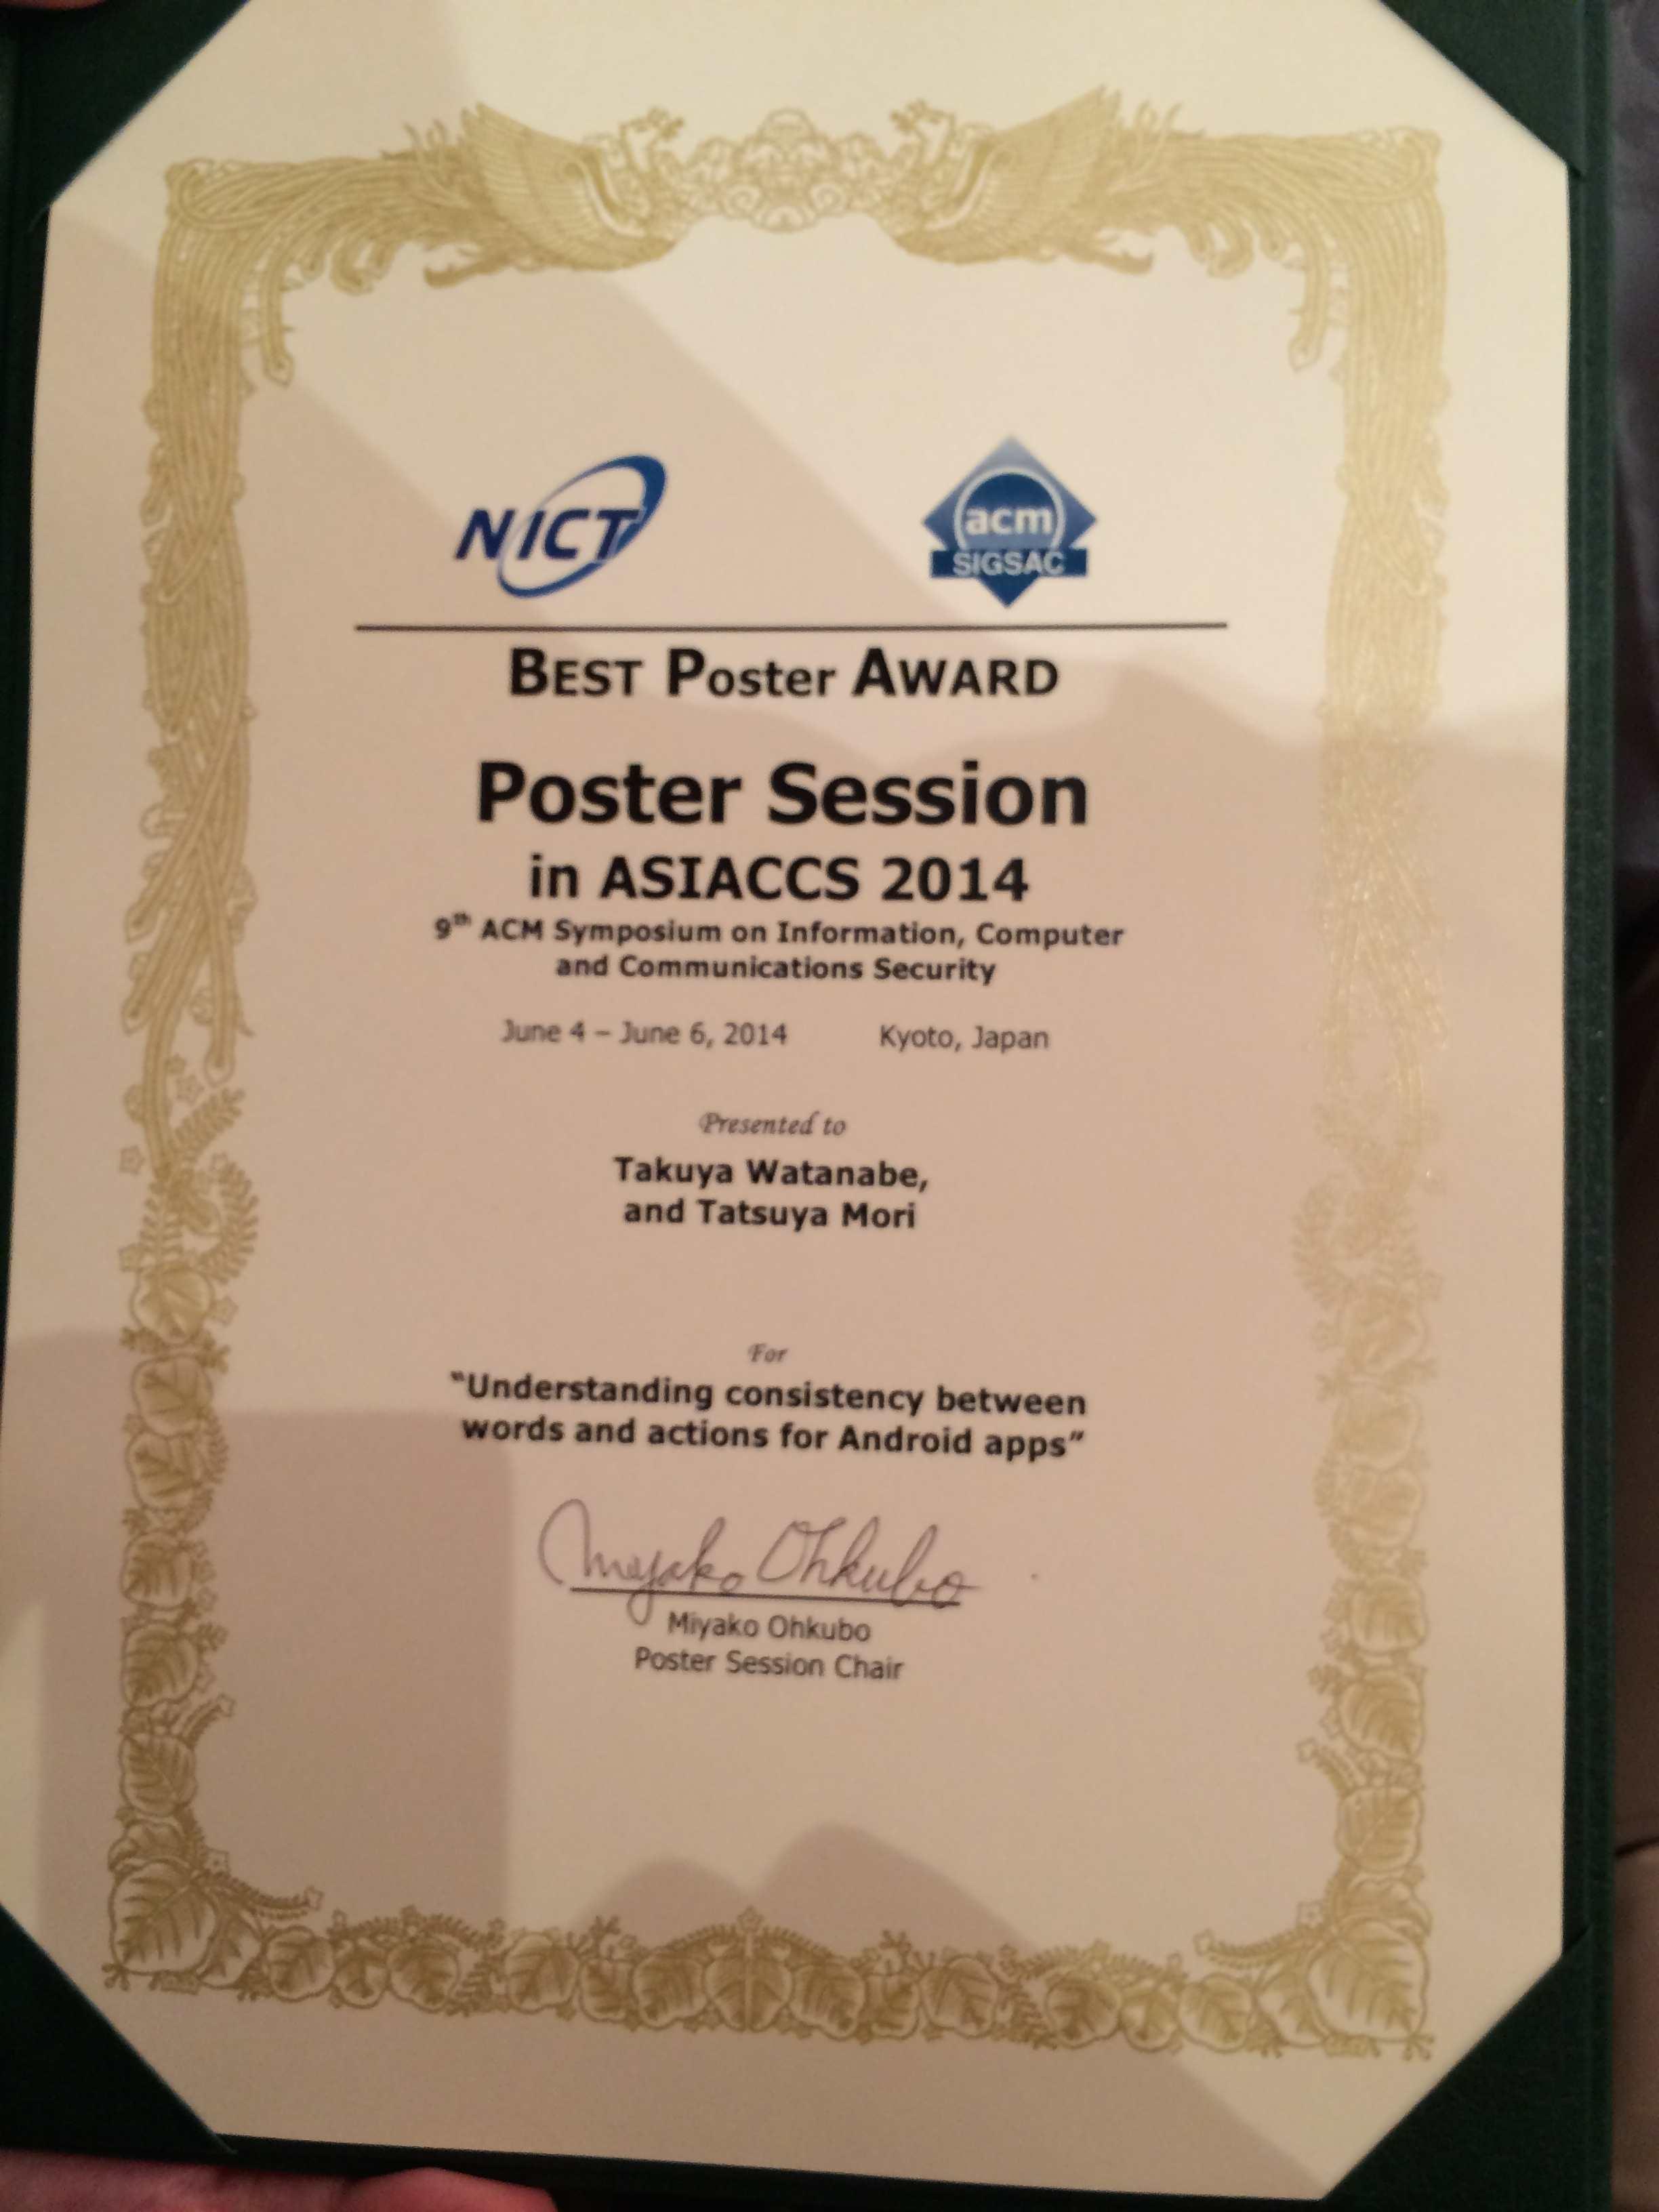 asiaccs2014_poster_award